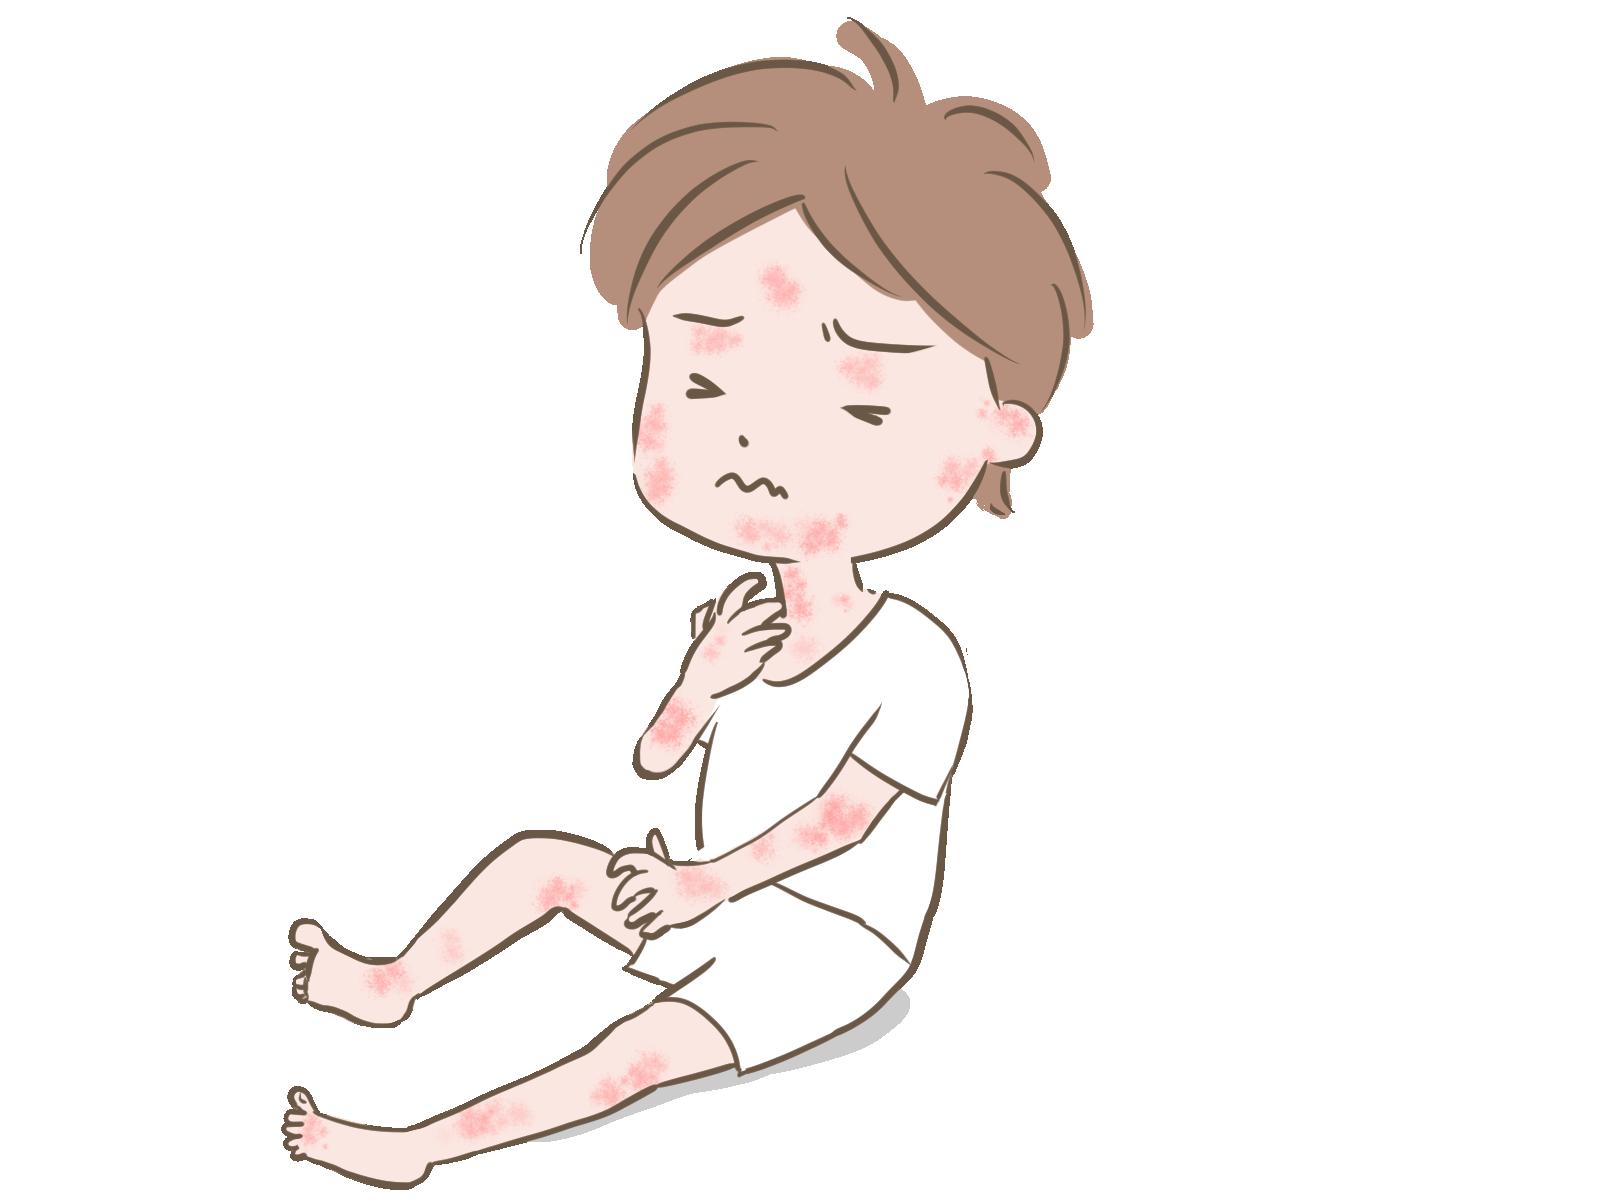 プロアクティブ療法(保湿剤定期塗布とステロイド外用薬の間欠塗布)で小児アトピー性皮膚炎の再燃が減る